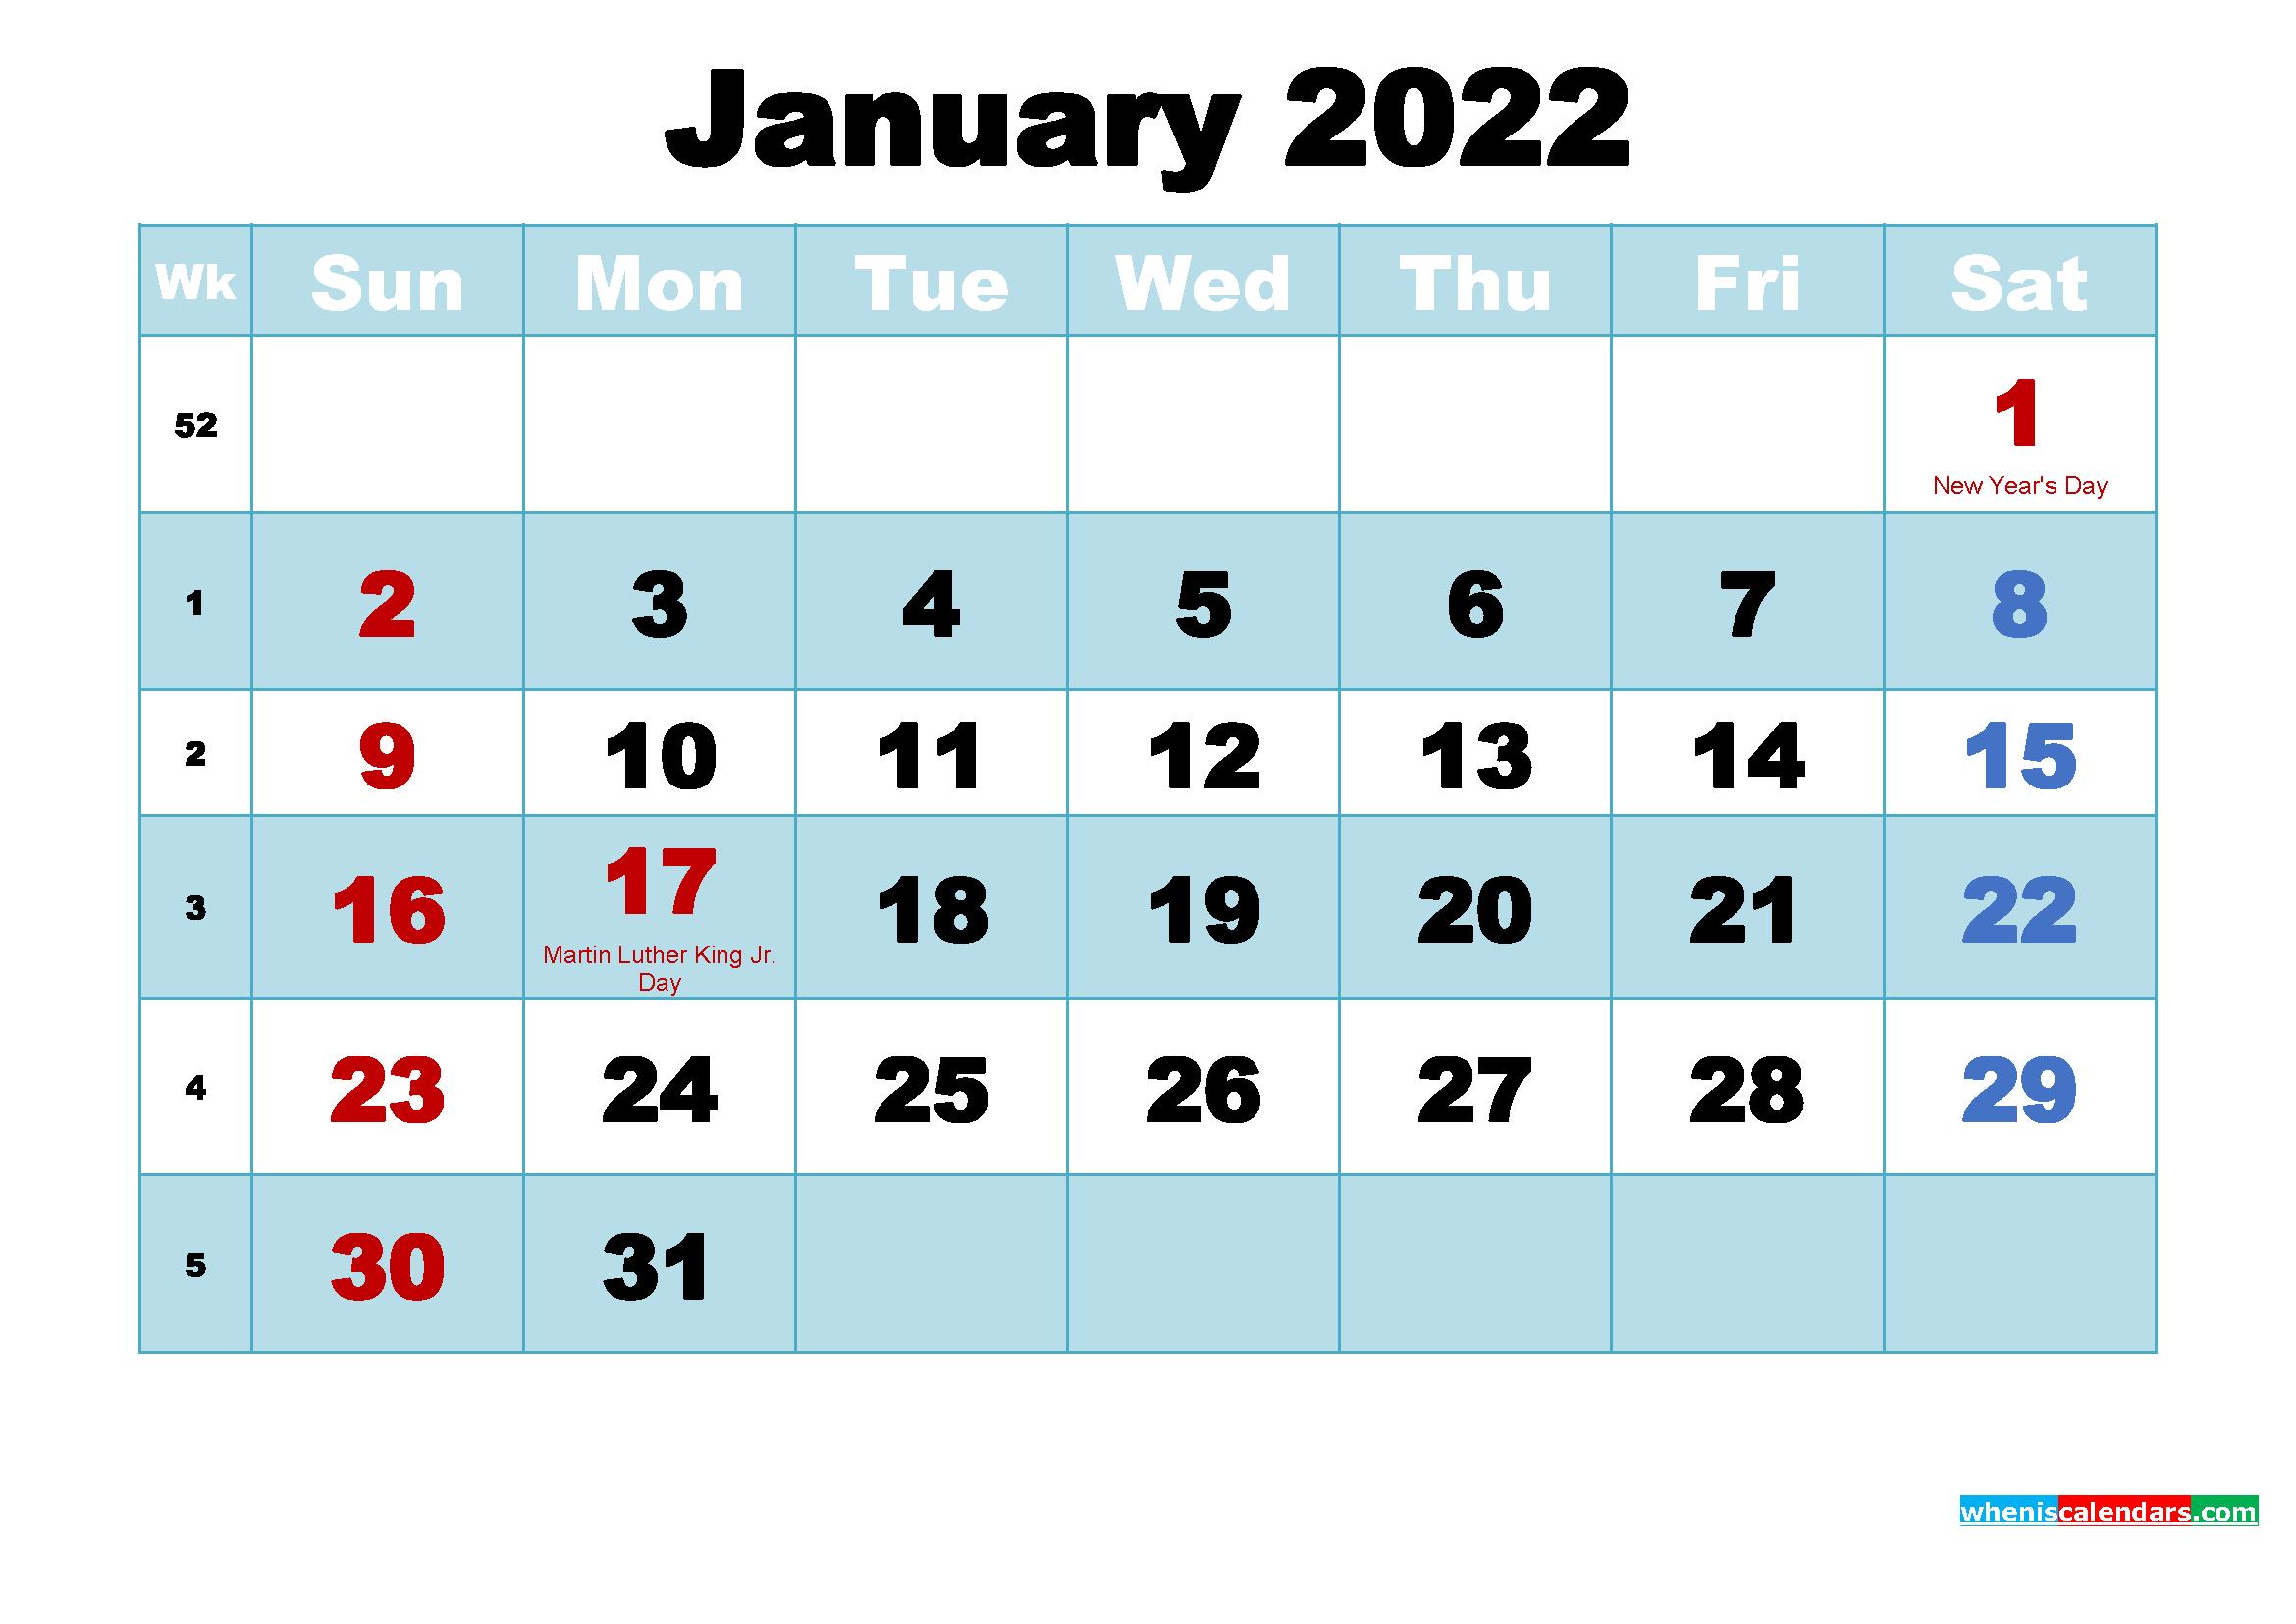 January 2022 Calendar Wallpaper High Resolution